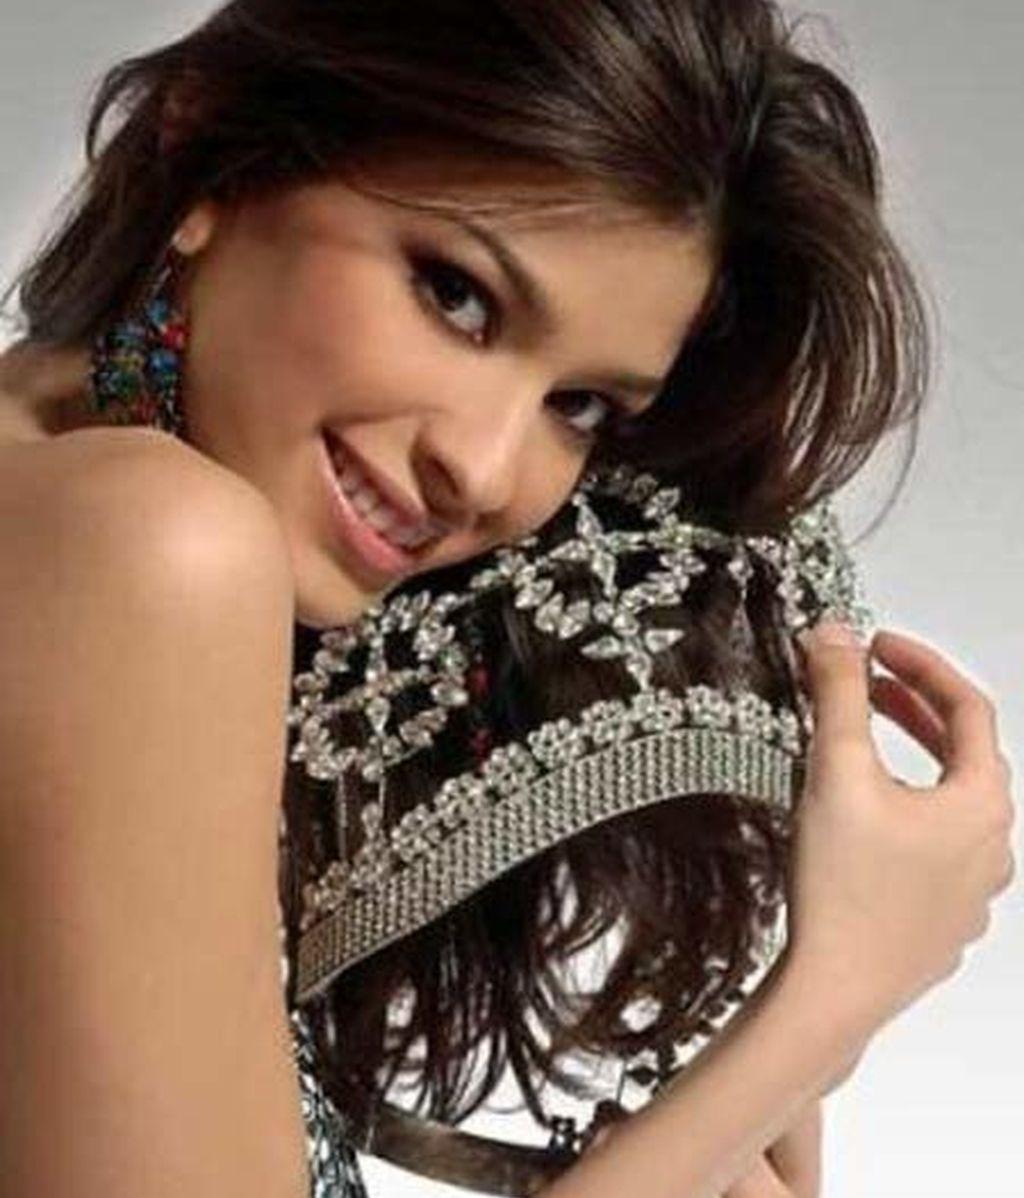 Ha recibido el título de Miss Internacional 2009